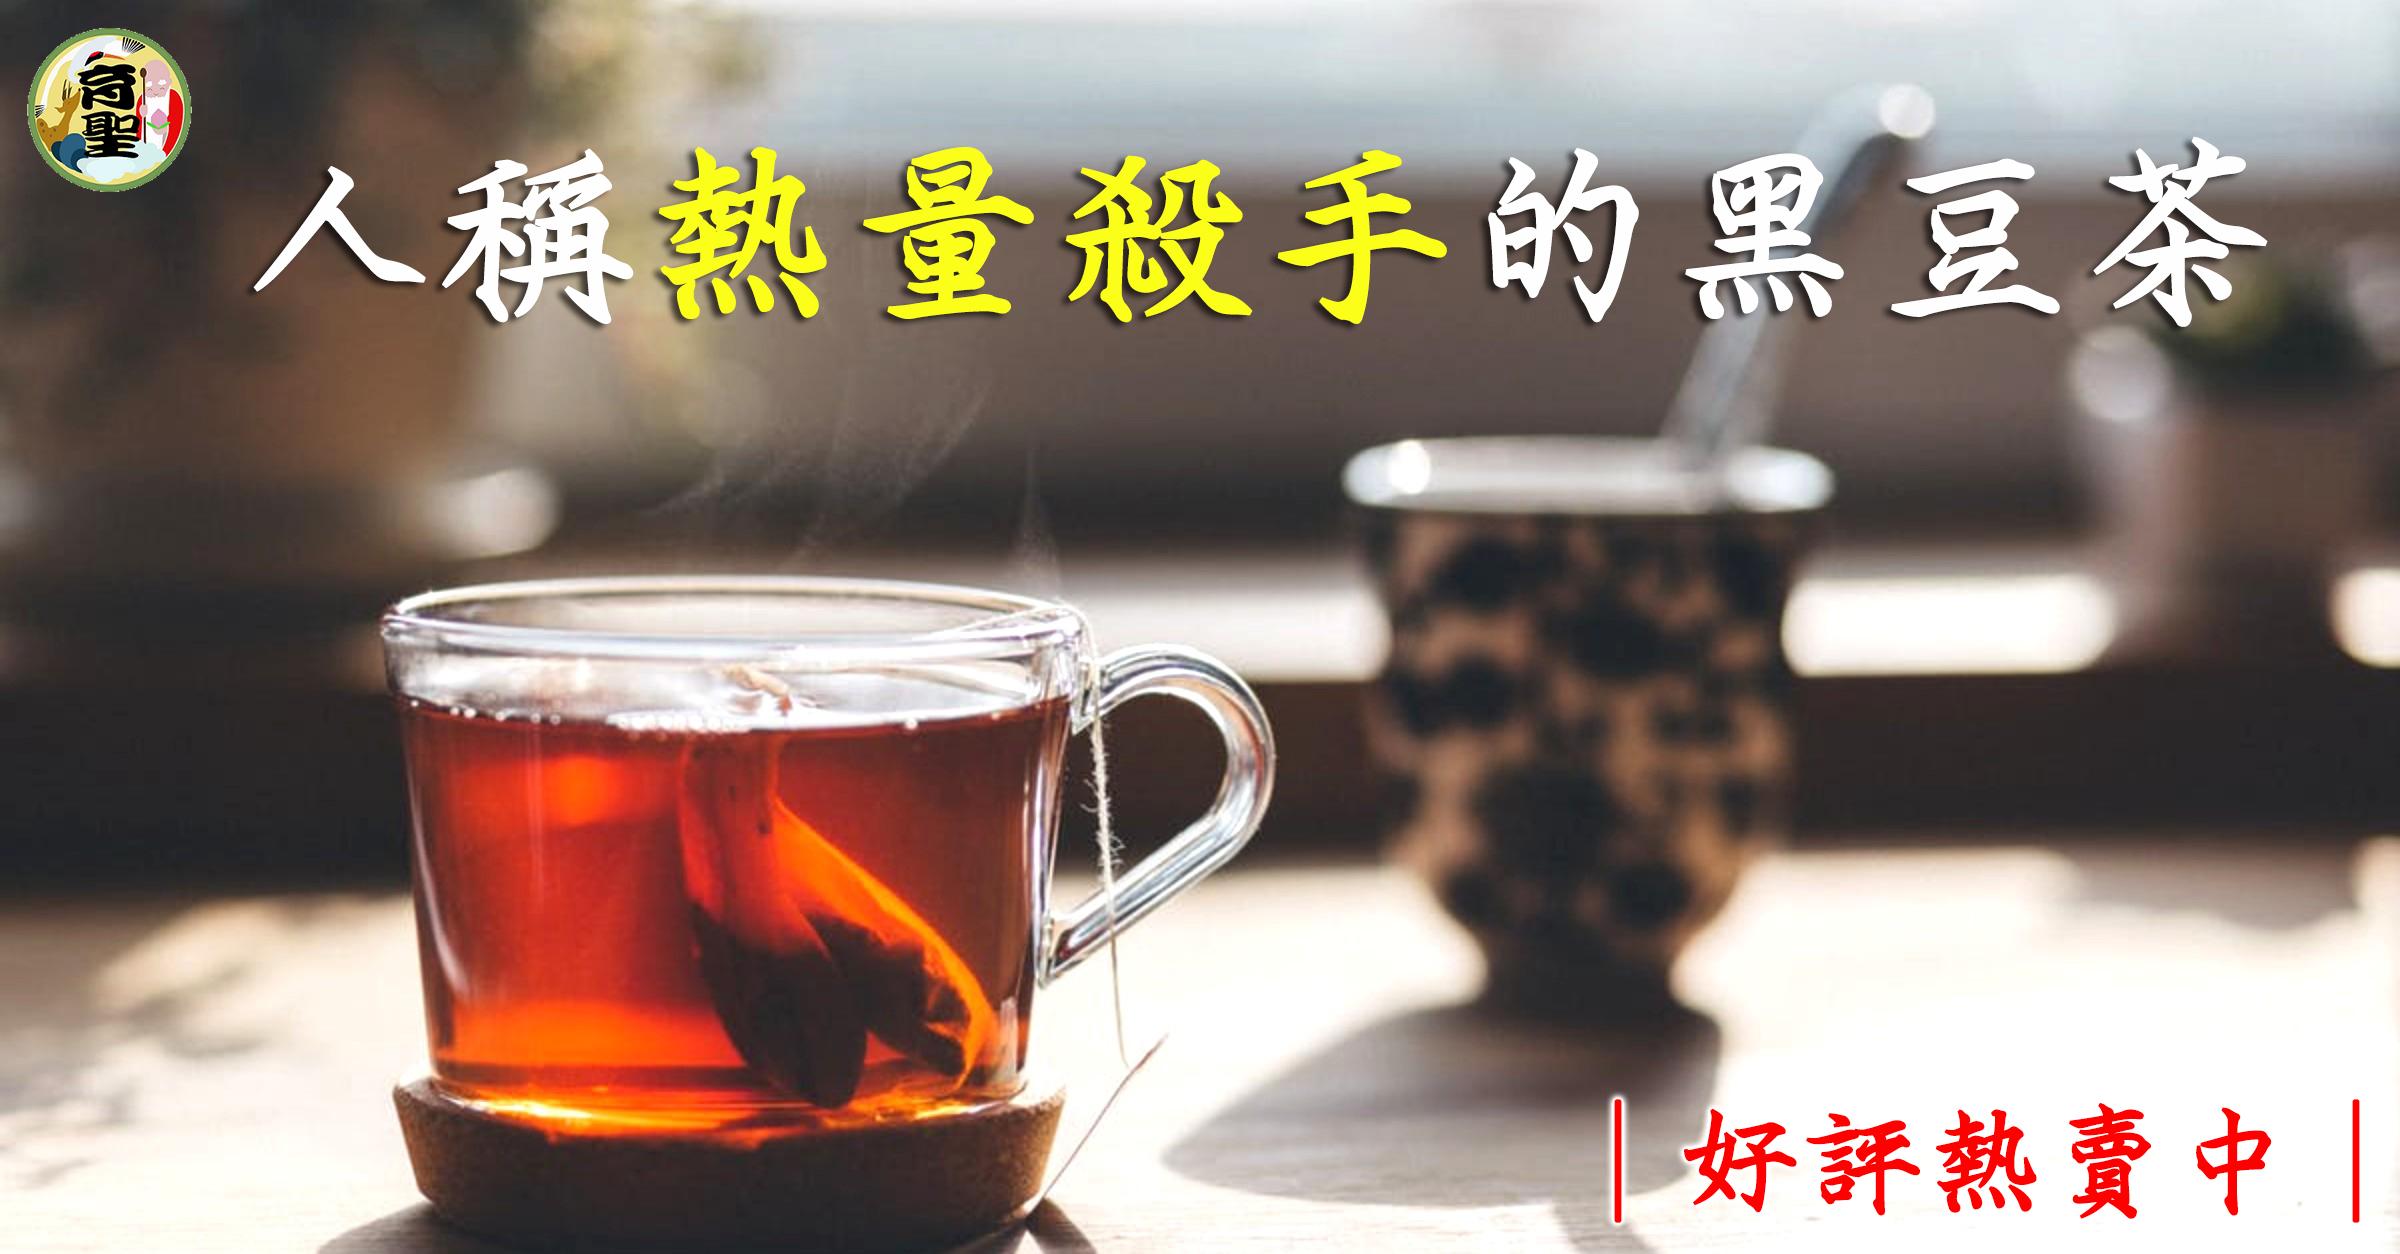 超低熱量 育聖園地茶立方 青仁黑豆茶 黑豆水